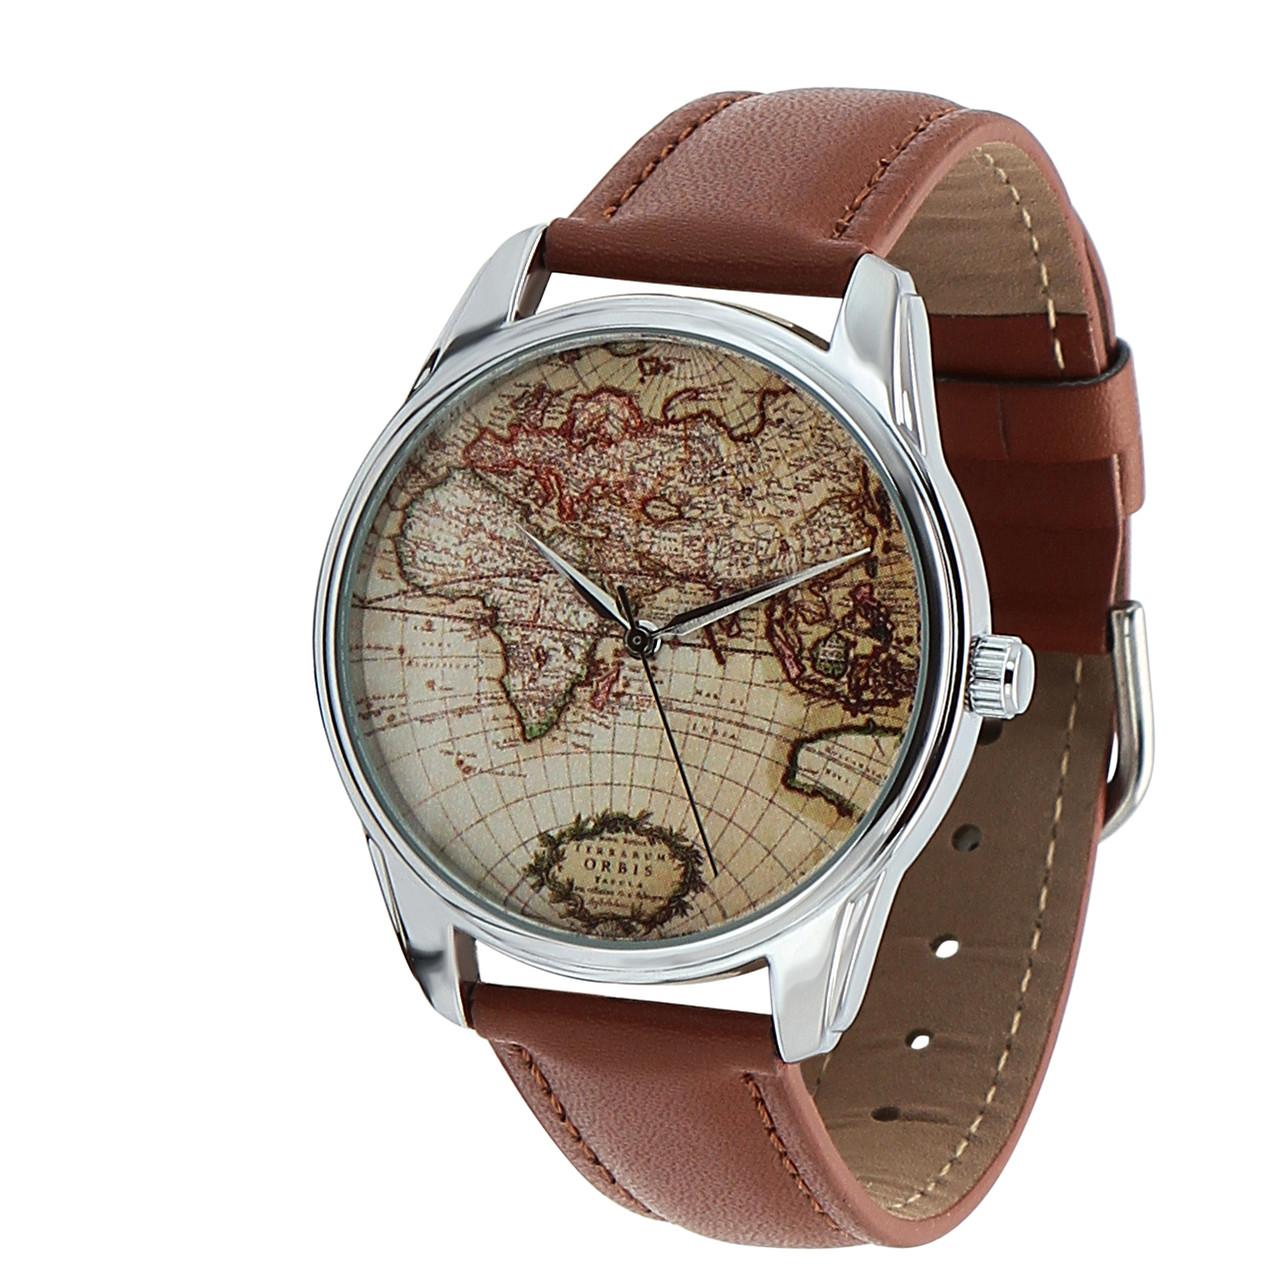 Стильные наручные часы Карта мира ZIZ (Украина)  продажа, цена в ... e672b37b296